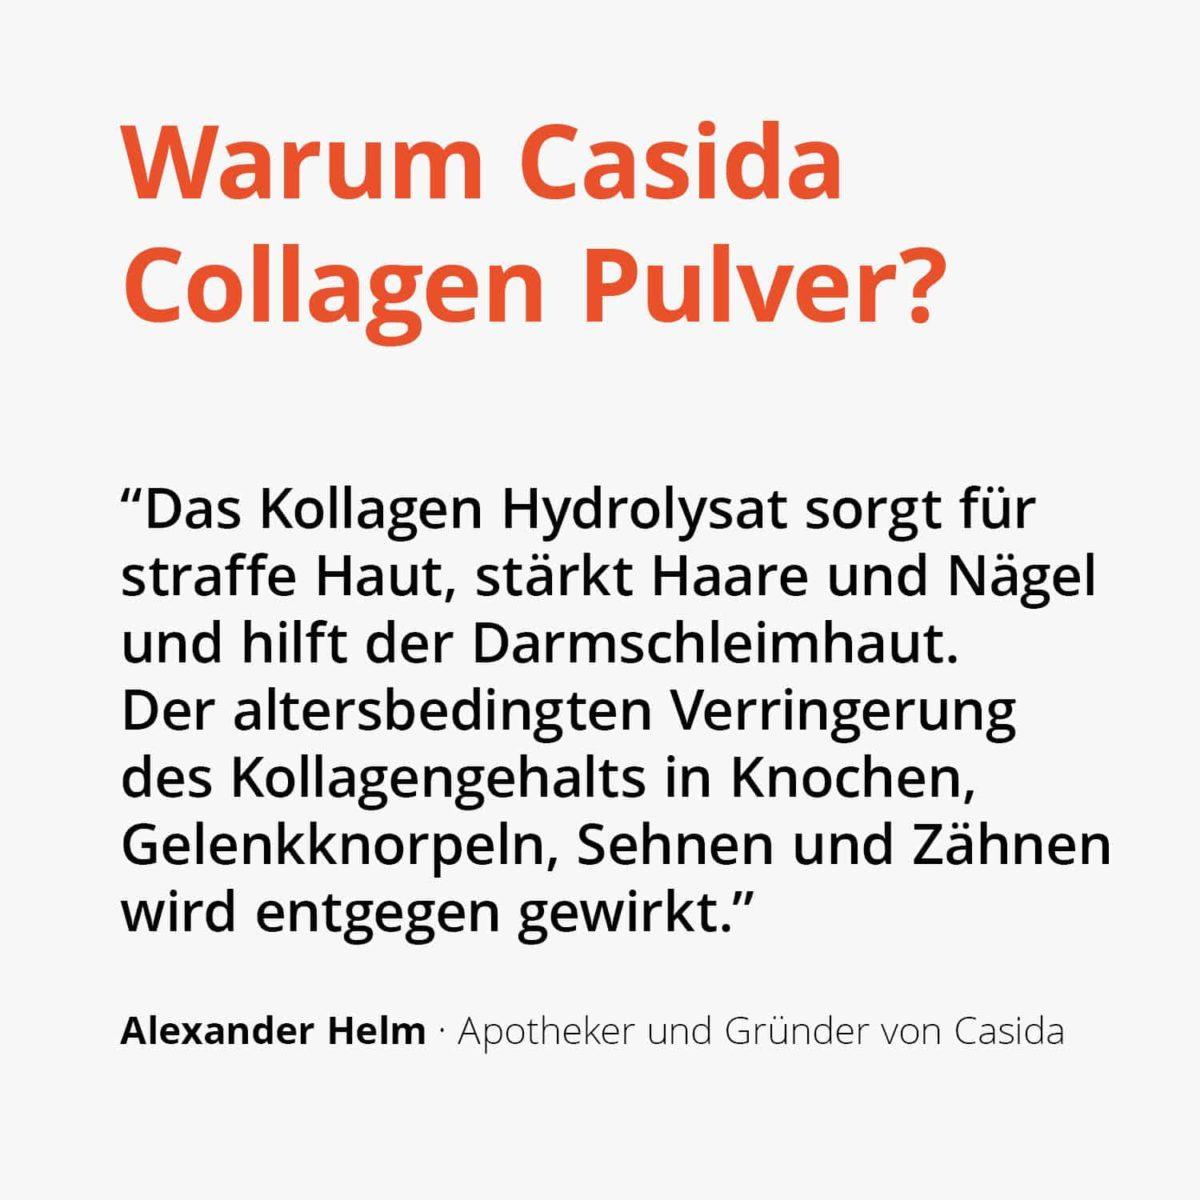 Casida Collagen Pulver Kollagen Hydrolysat Peptide Rind – 480 g 15266086 PZN Apotheke Peptide Typ I II III Eiweiß Shake trinken Gelenke Anti-Aging2